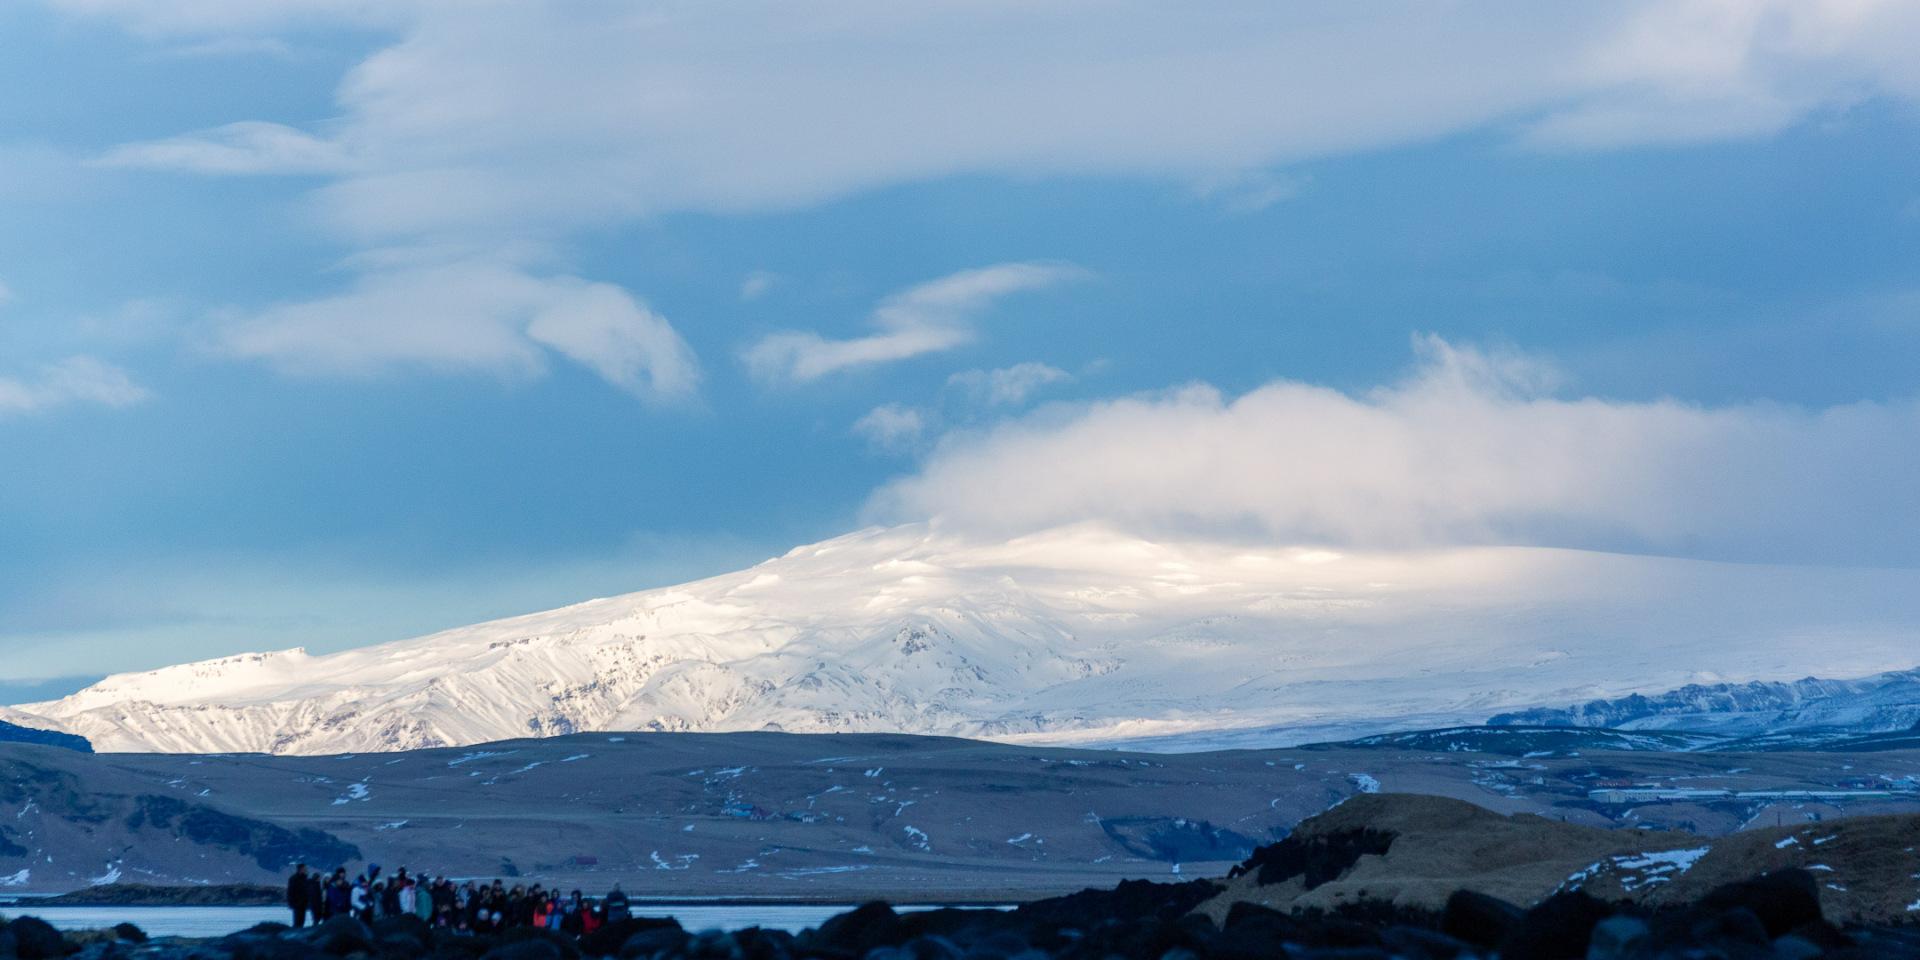 Eyafjallajökull